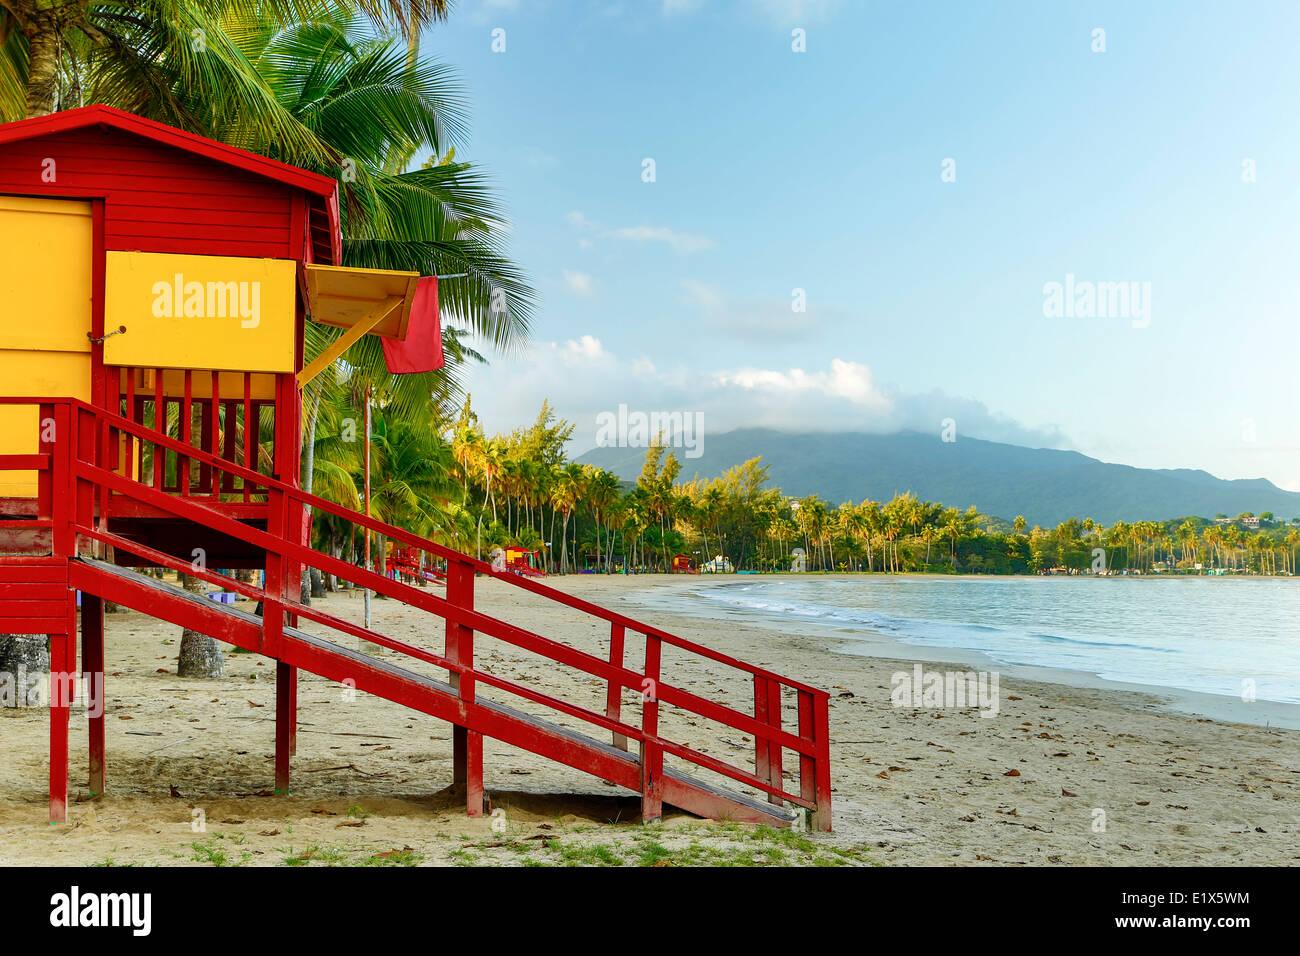 Rettungsschwimmer Haus, Luquillo Public Beach und El Yunque eingehüllt in Wolken, Luquillo, Puerto Rico Stockbild